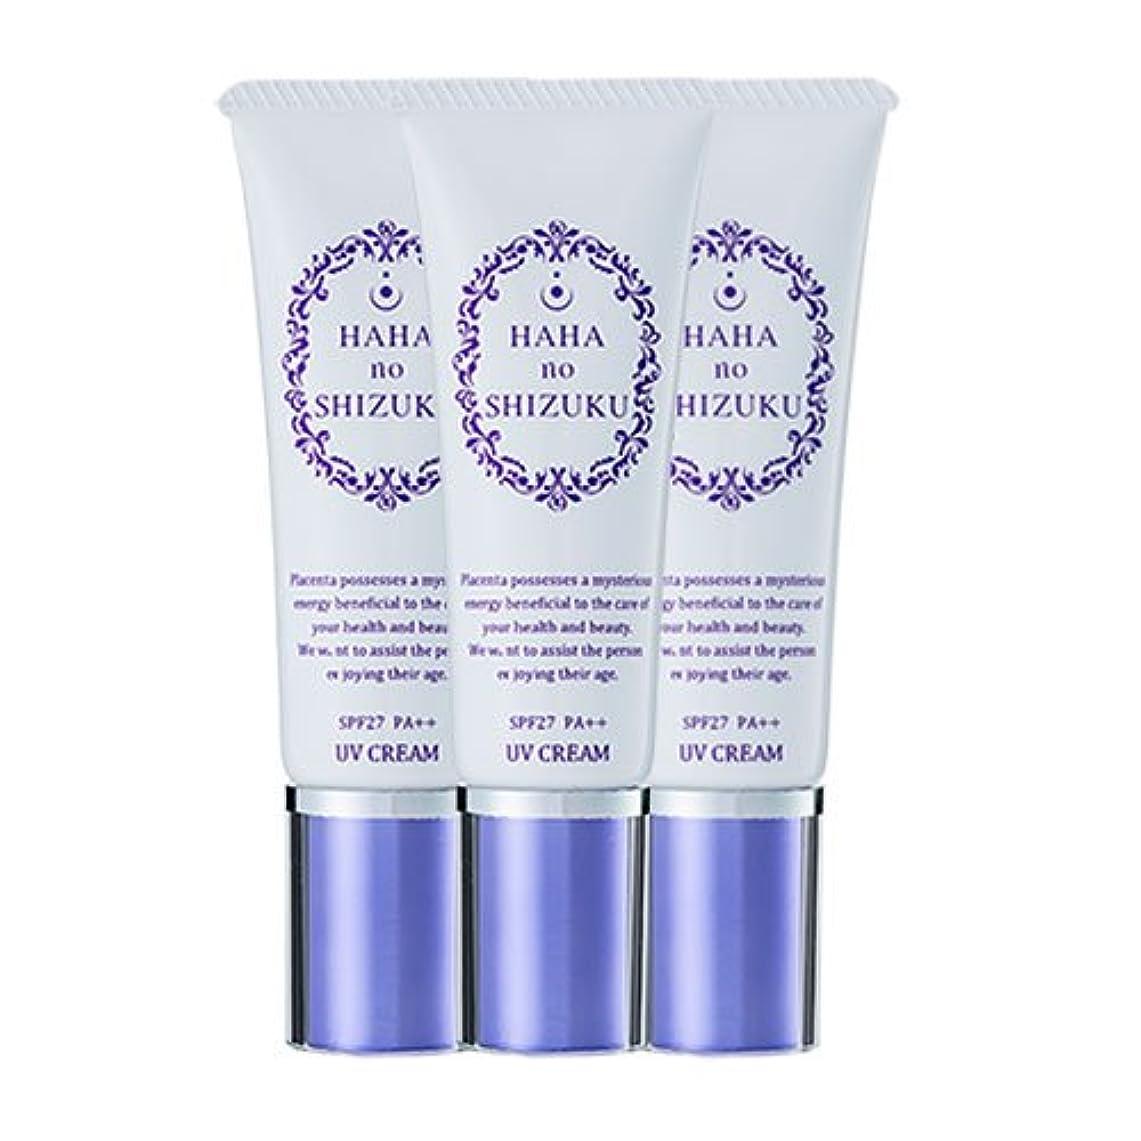 苦味カーテン変装した母の滴 プラセンタクUVクリーム 3本セット 美白効果 UVカット 敏感肌にも安心 (30g×3本) ラセンタエキス サイタイエキス アミノ酸